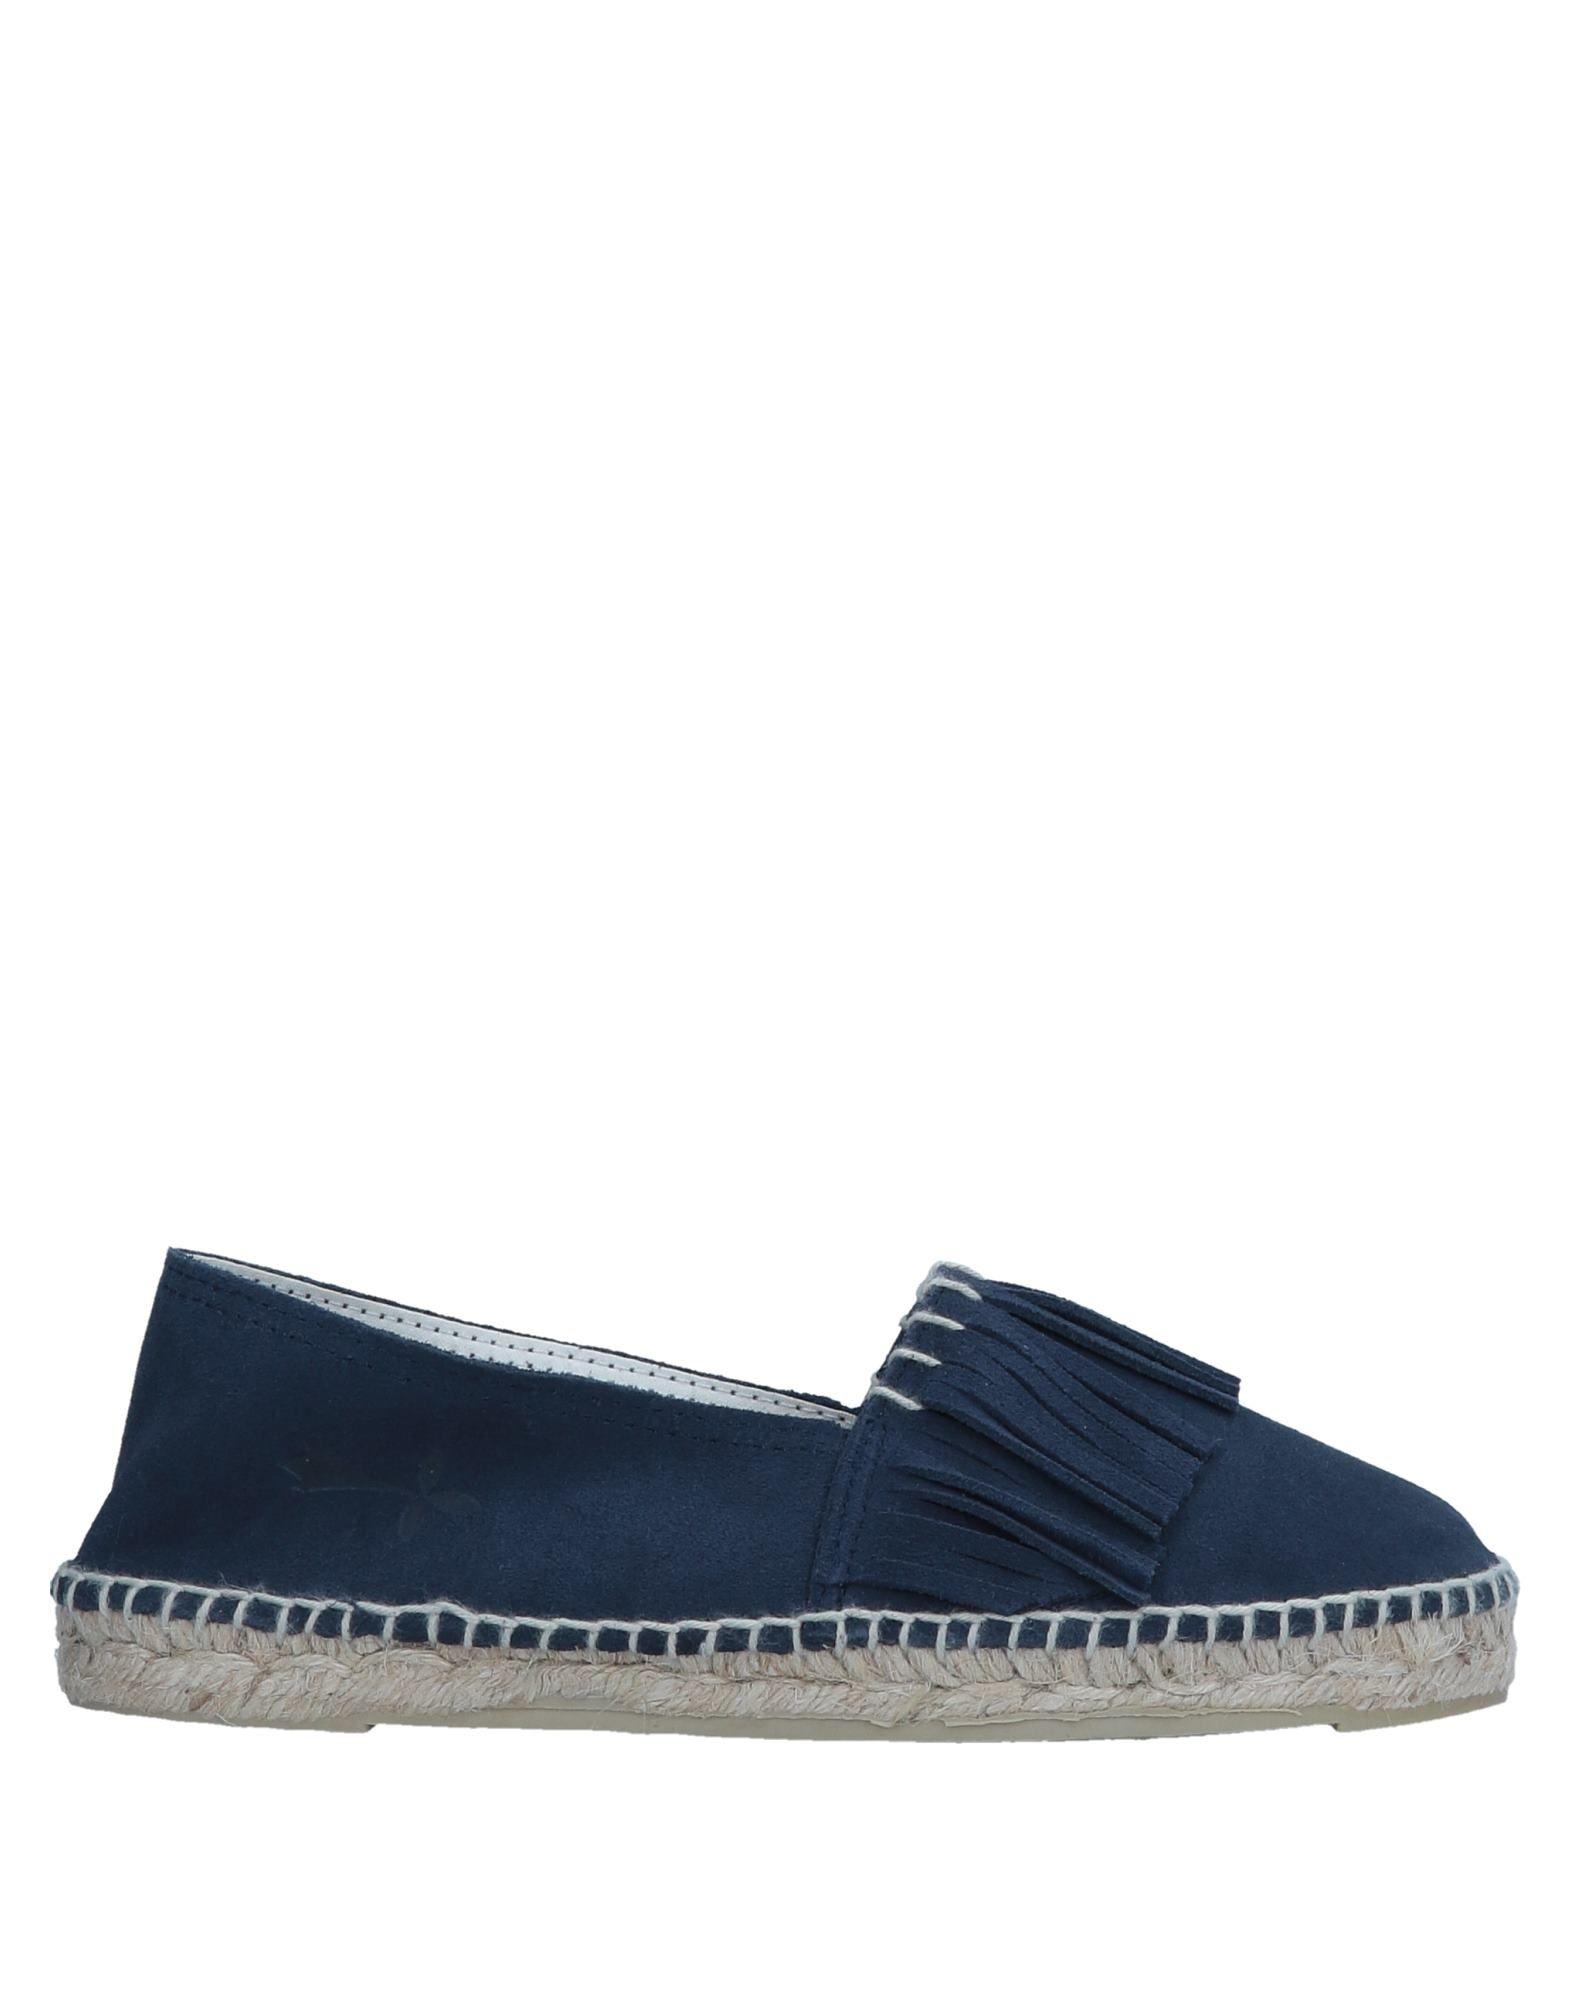 Manebí Espadrilles Damen  Schuhe 11557645LT Gute Qualität beliebte Schuhe  dd6e37